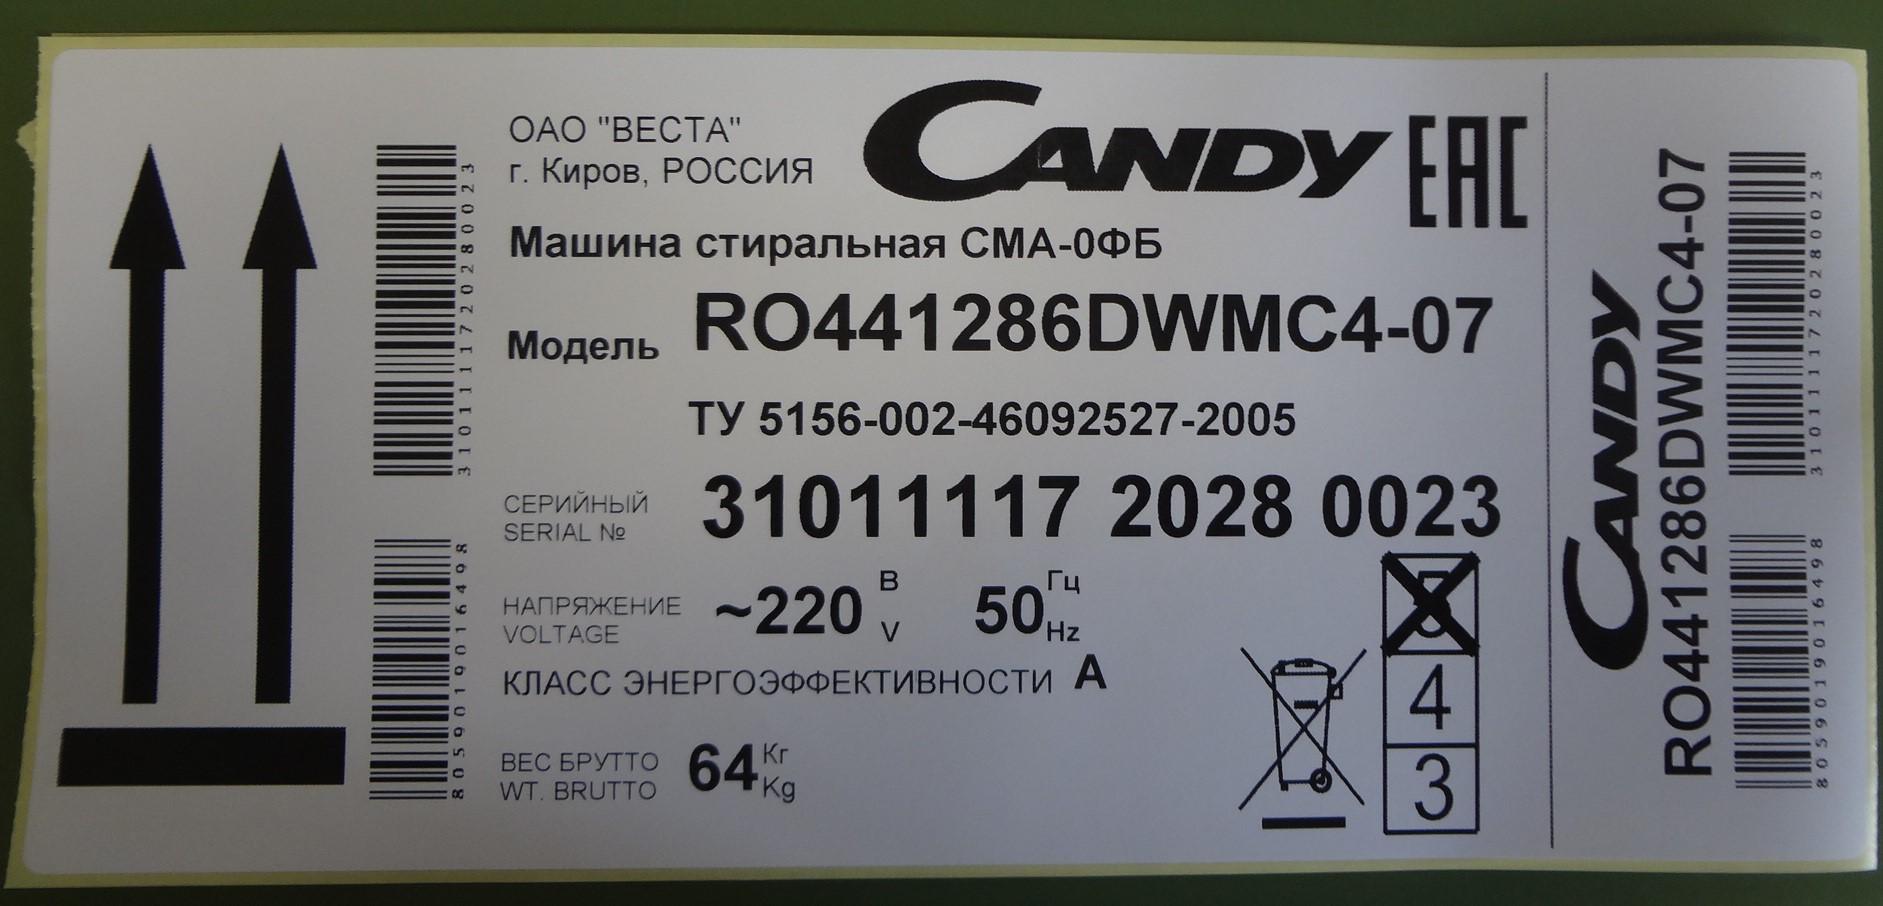 Узкая стиральная машина Candy RapidO RO44 1286DWMC4-07 фото 9